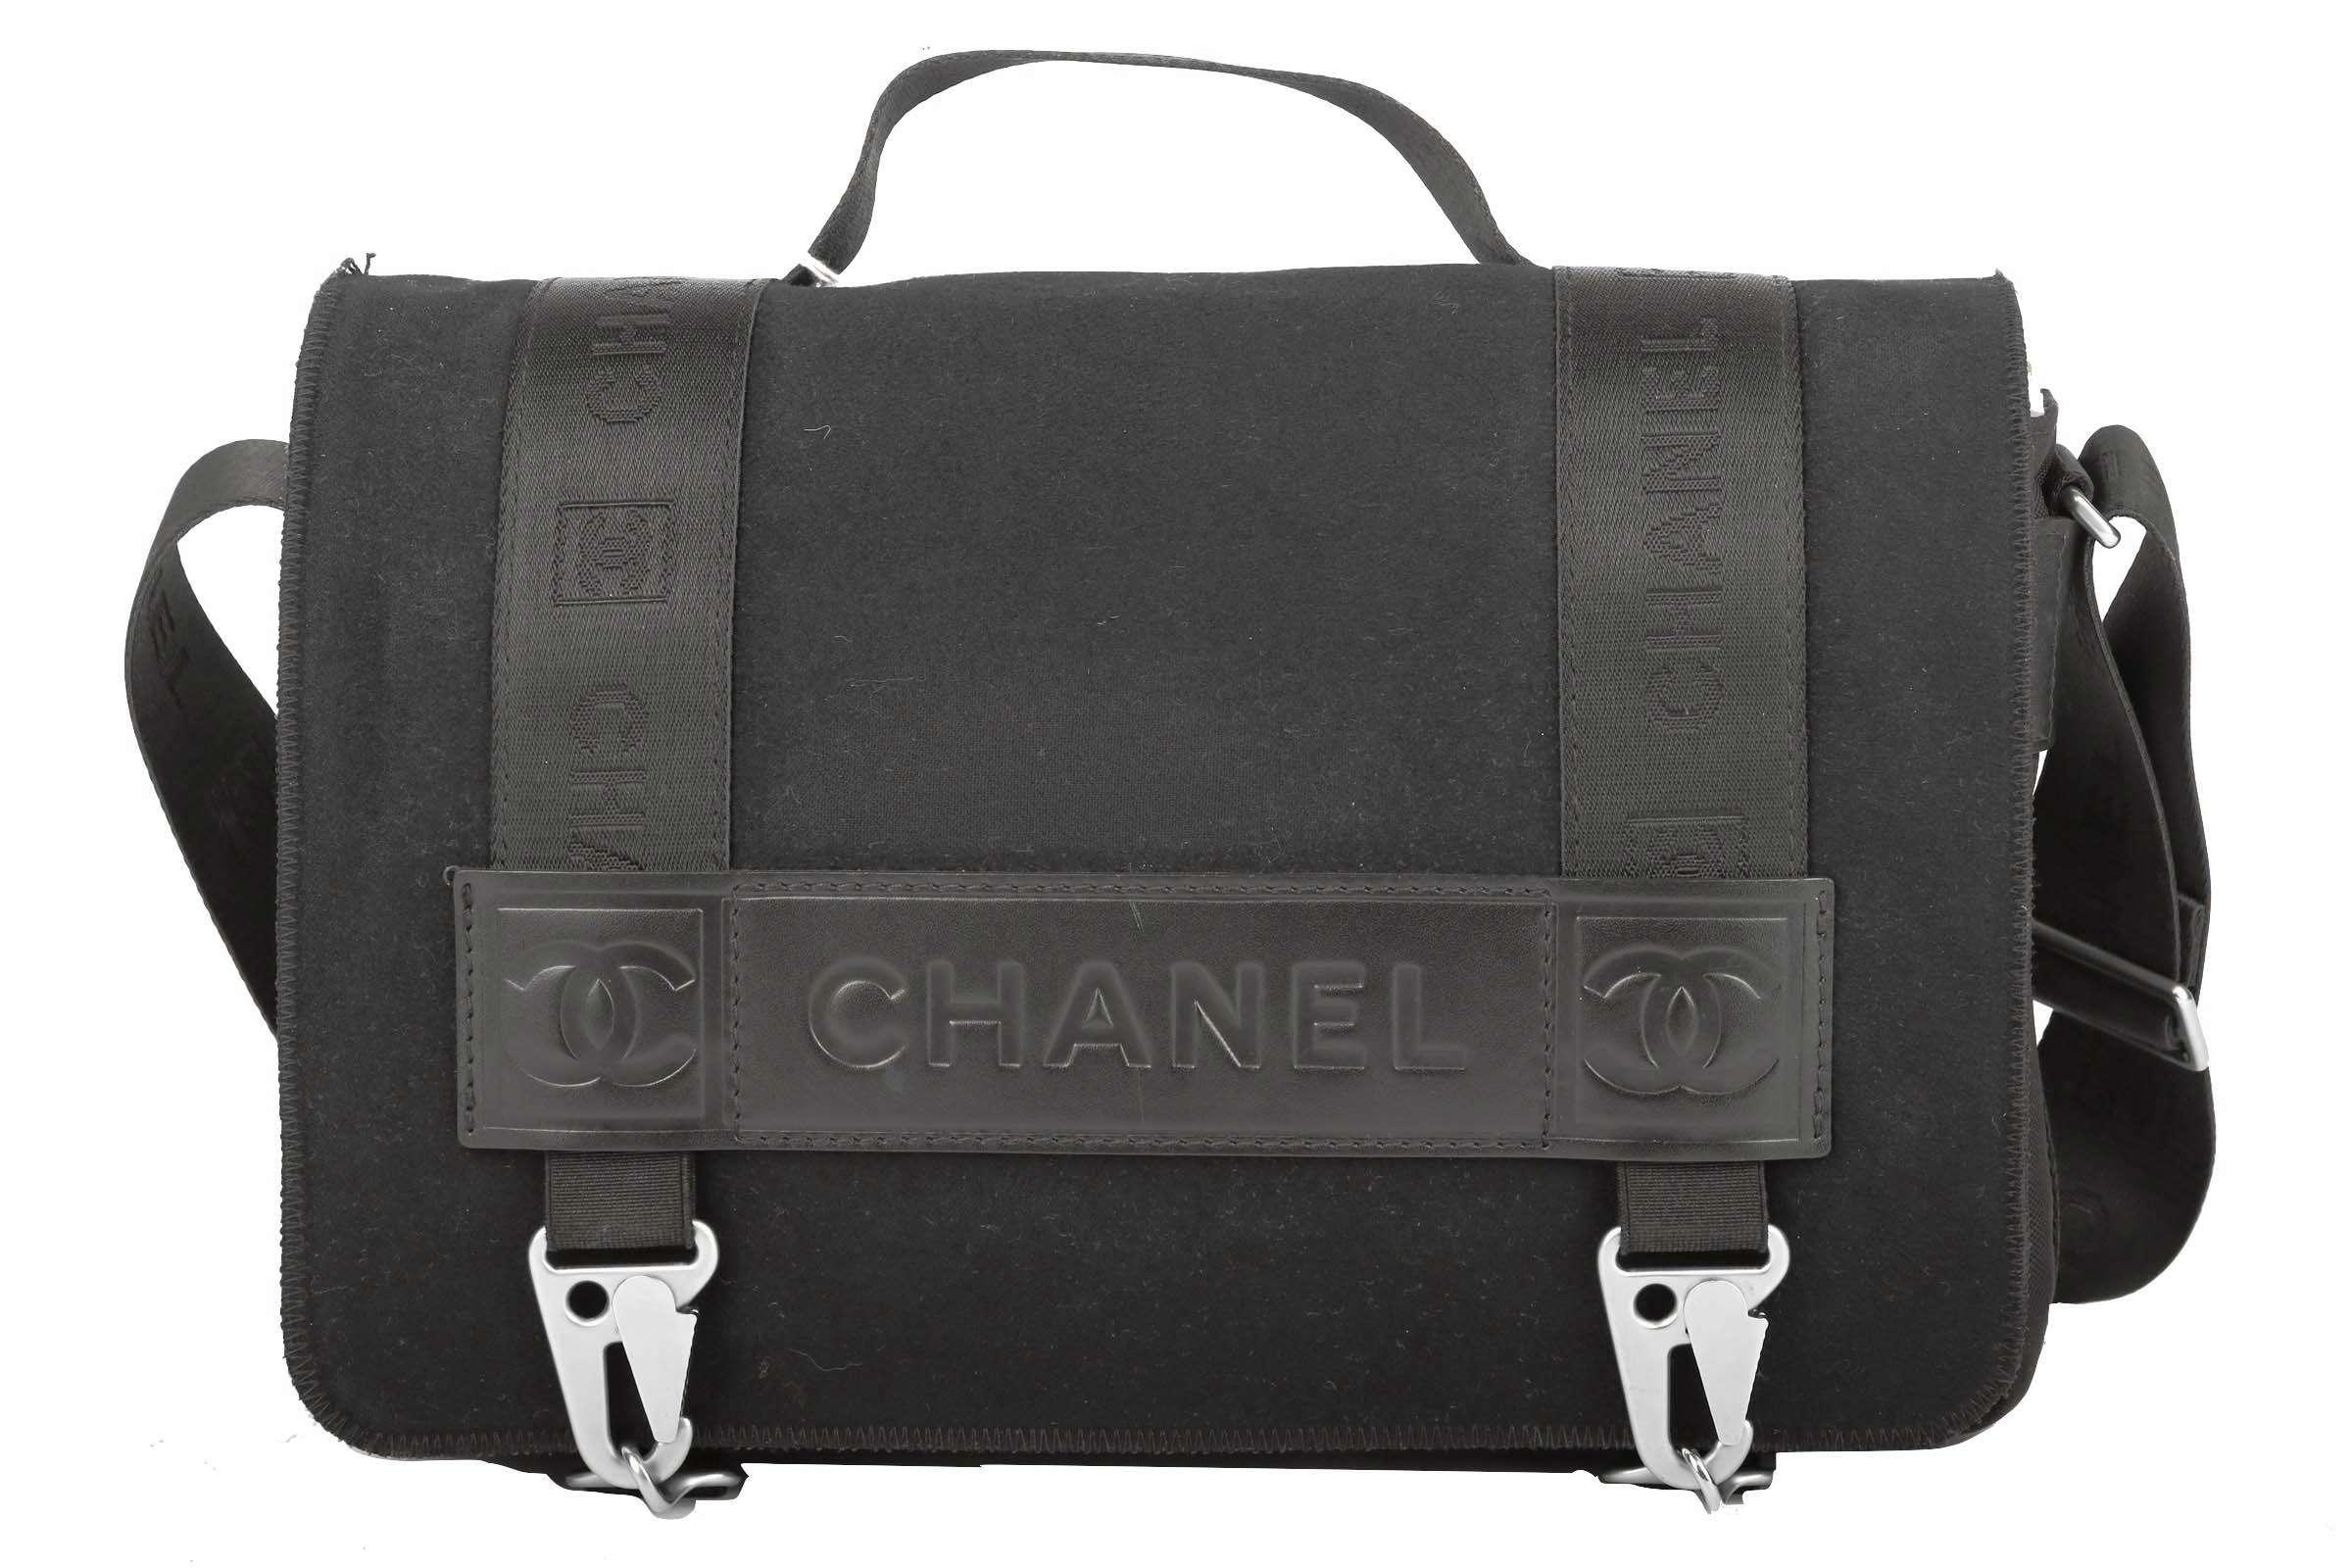 Chanel Messenger Bag Black